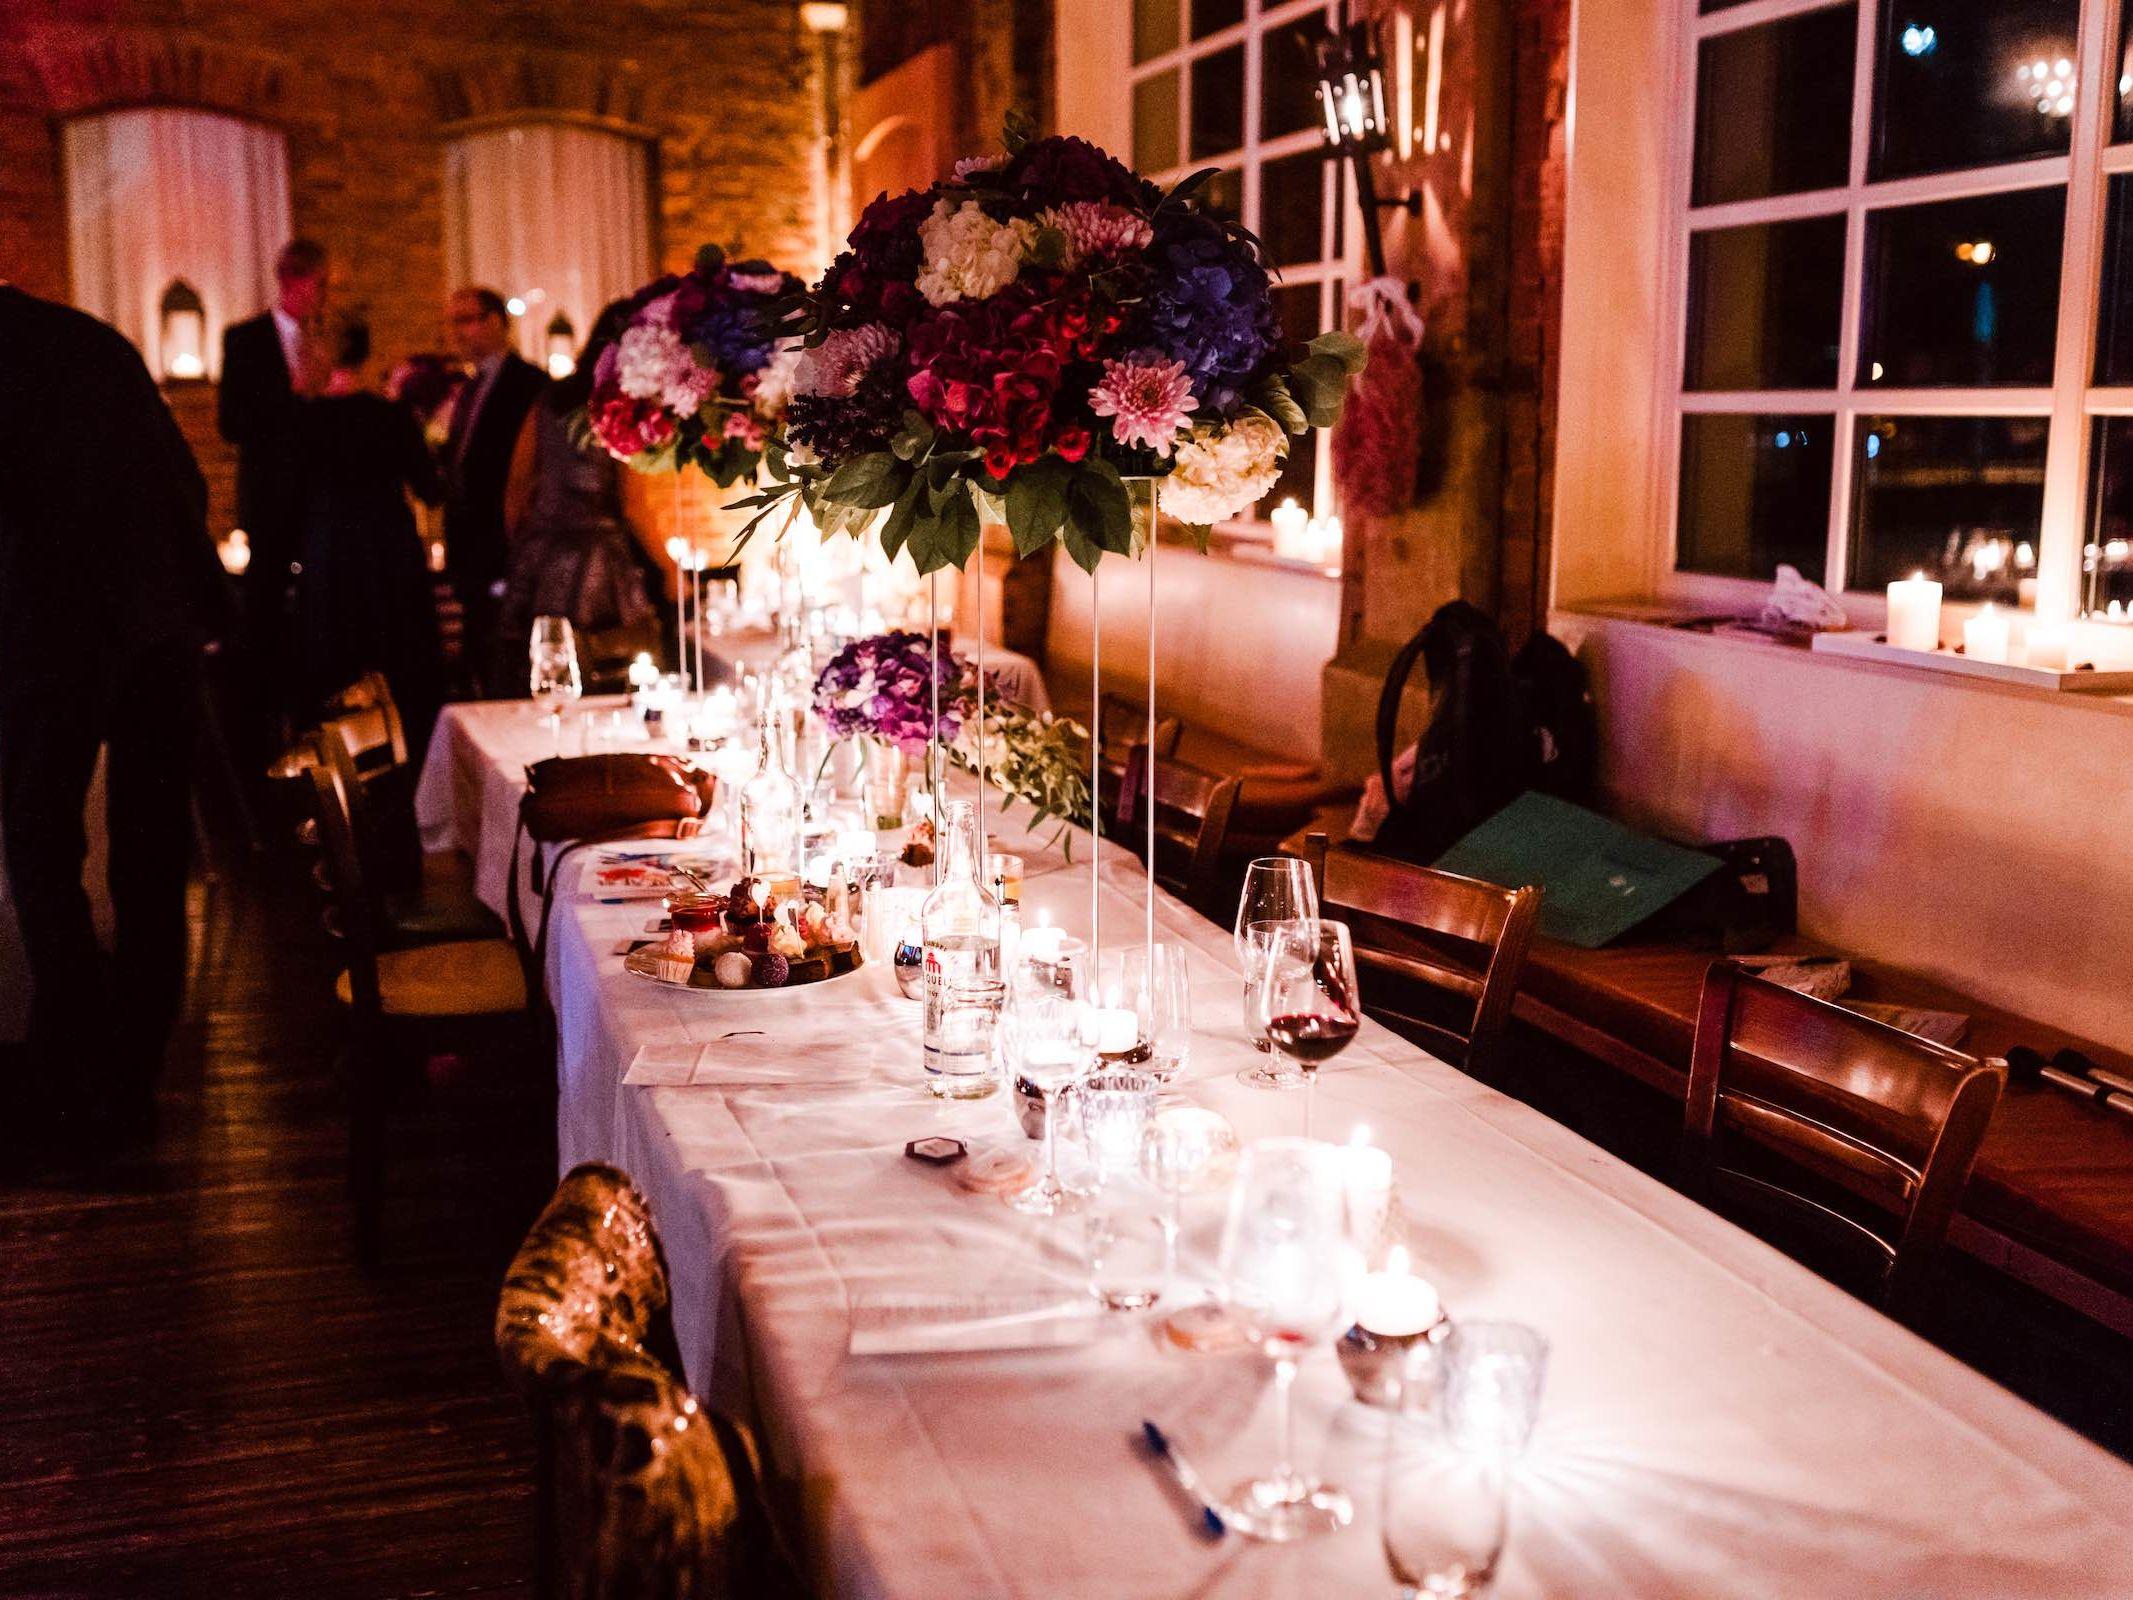 Burg | Königsworth | Roneburg | Hannover | Hochzeit | Geburtstag | Firmenfeier | Feiern | Locations | Tischdekoration | Hochzeit | Floristik | Eventaustattung | Dekoration | Hochzeitsplanung | Lehmann | Eventservice